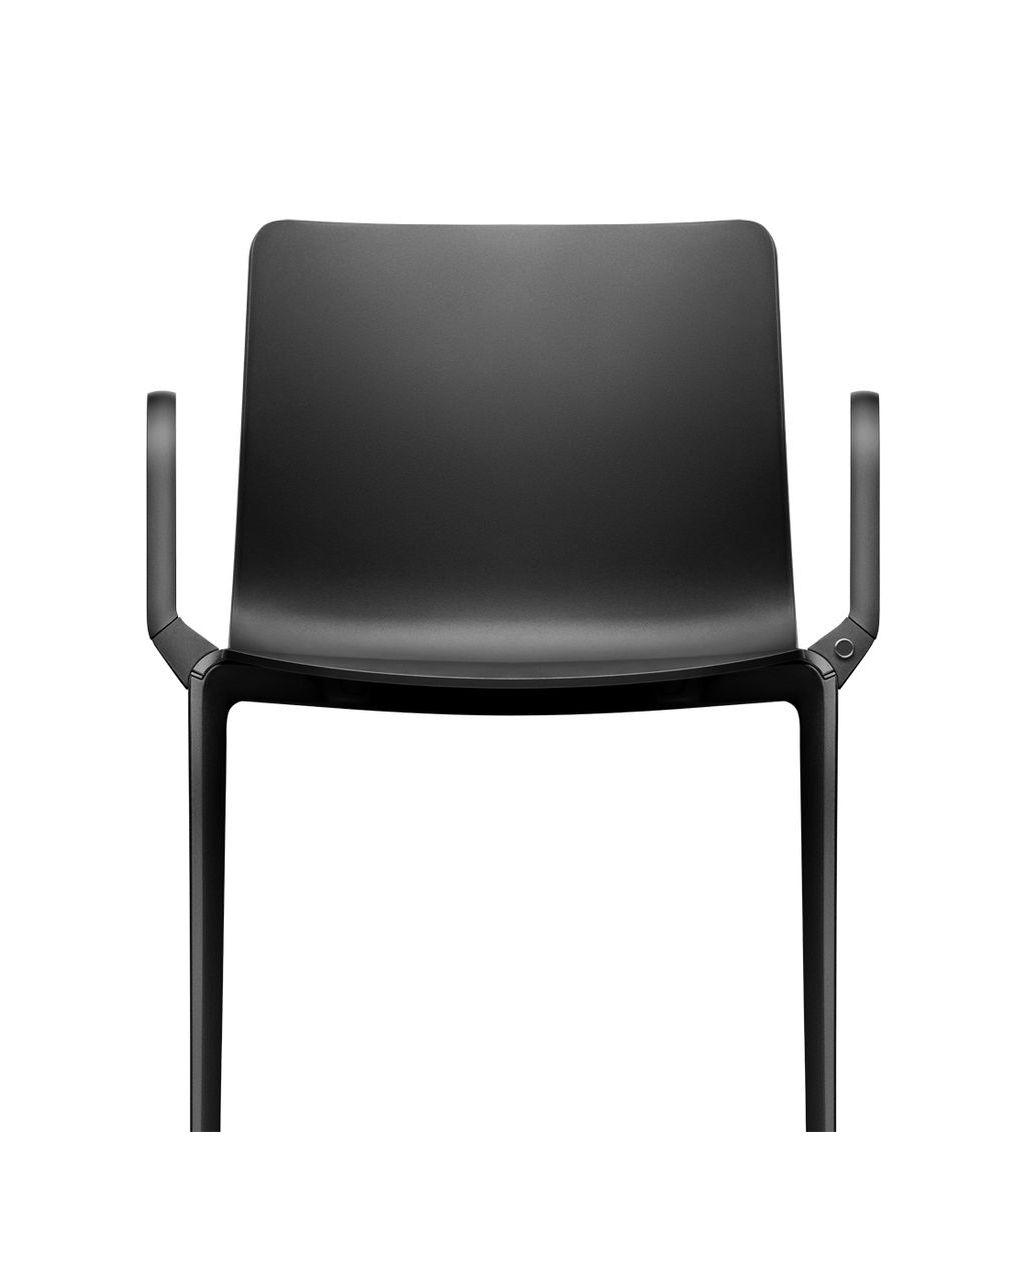 Brunner A-Chair | Design | Furniture & Light | Pinterest | Interiors